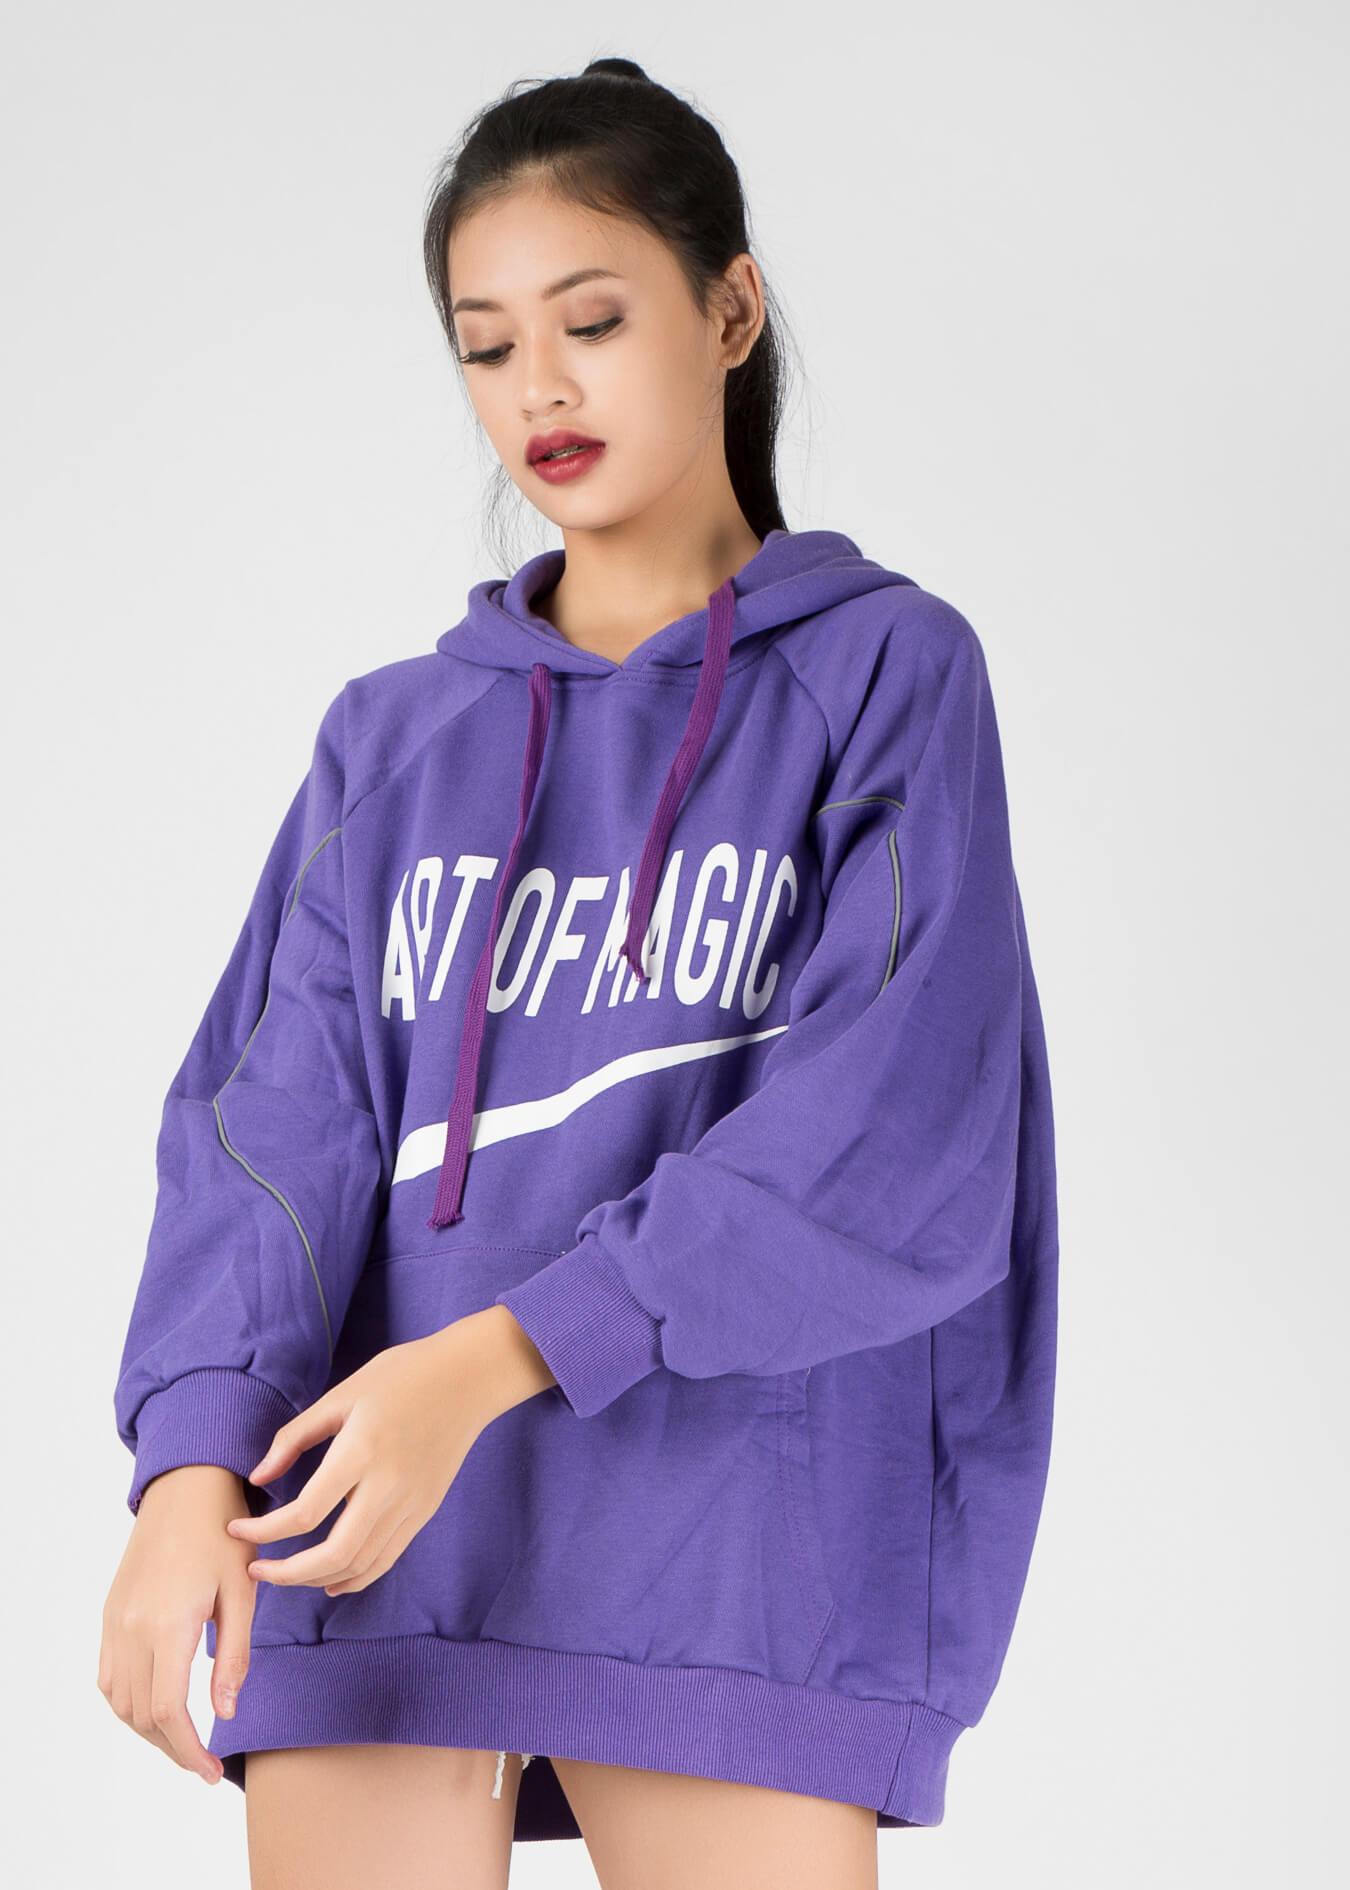 Một số mẫu áo hoodie đẹp tại tripleR